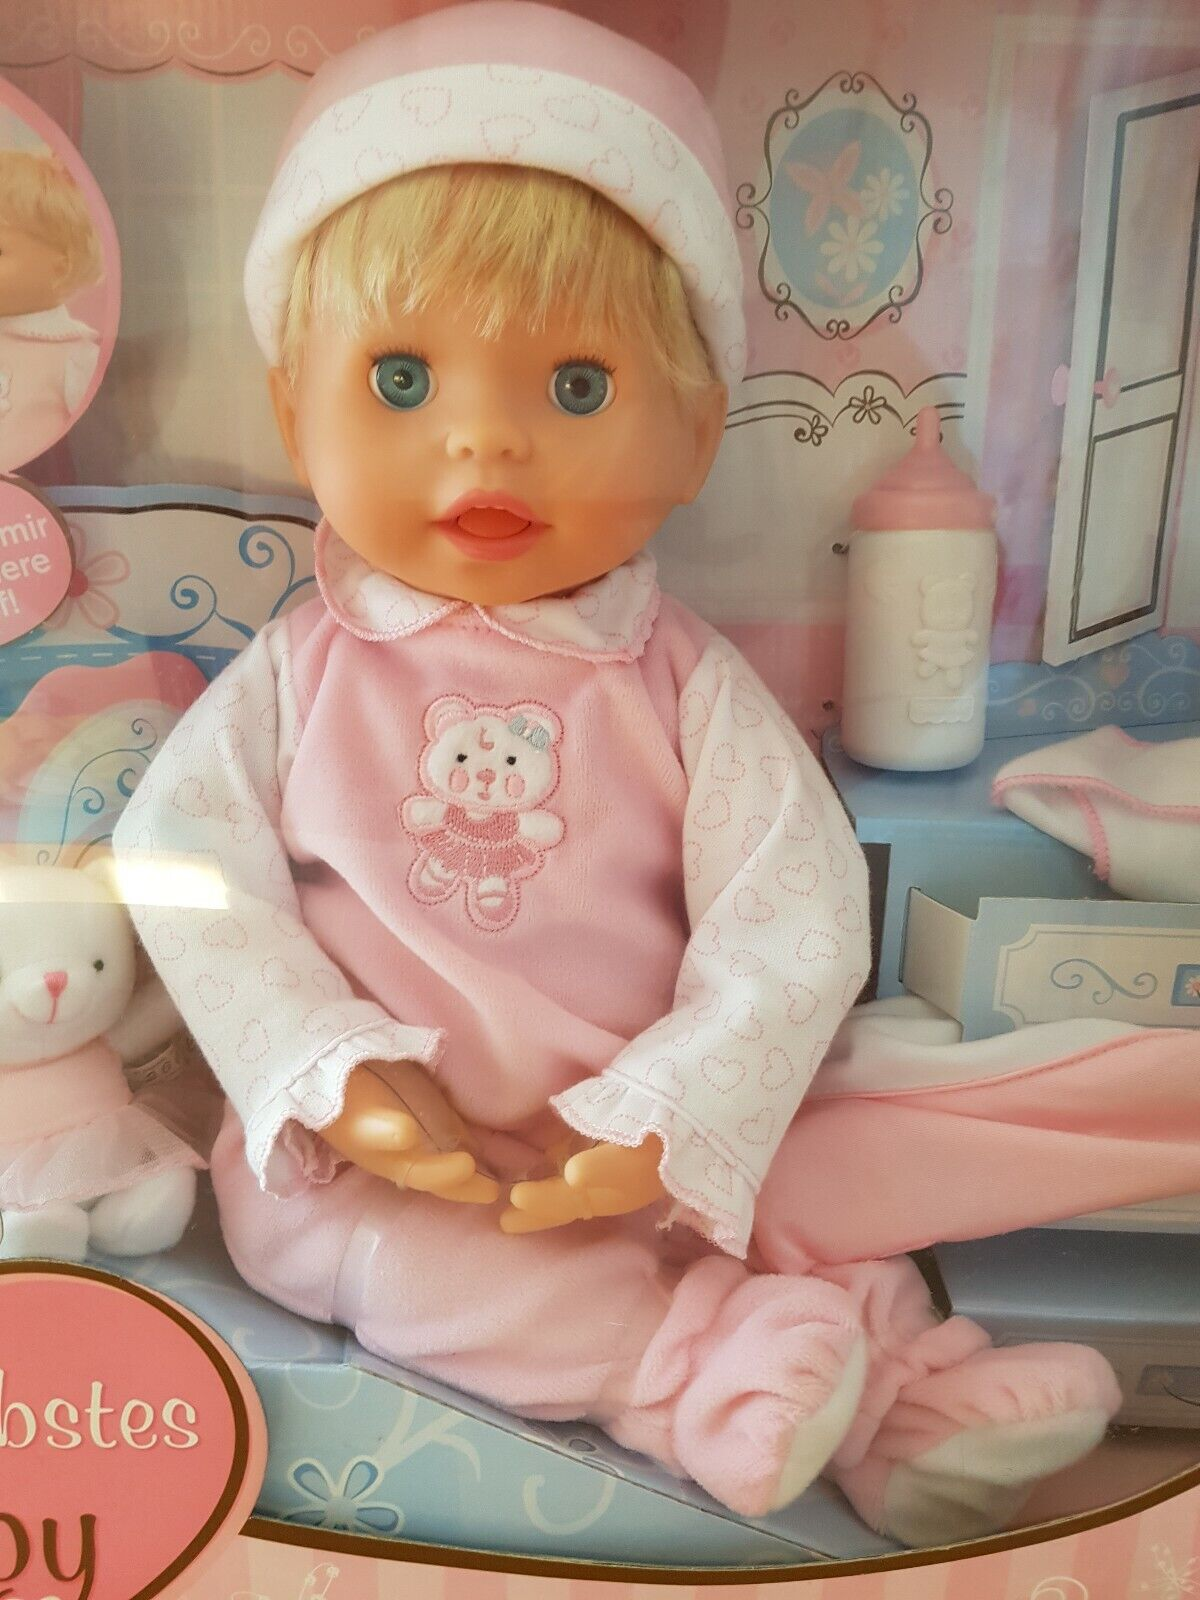 i nuovi marchi outlet online Il Il Il mio squisiti bambino-MATTEL 2007-Fisher Price-NUOVO e mattoncini  vendita all'ingrosso